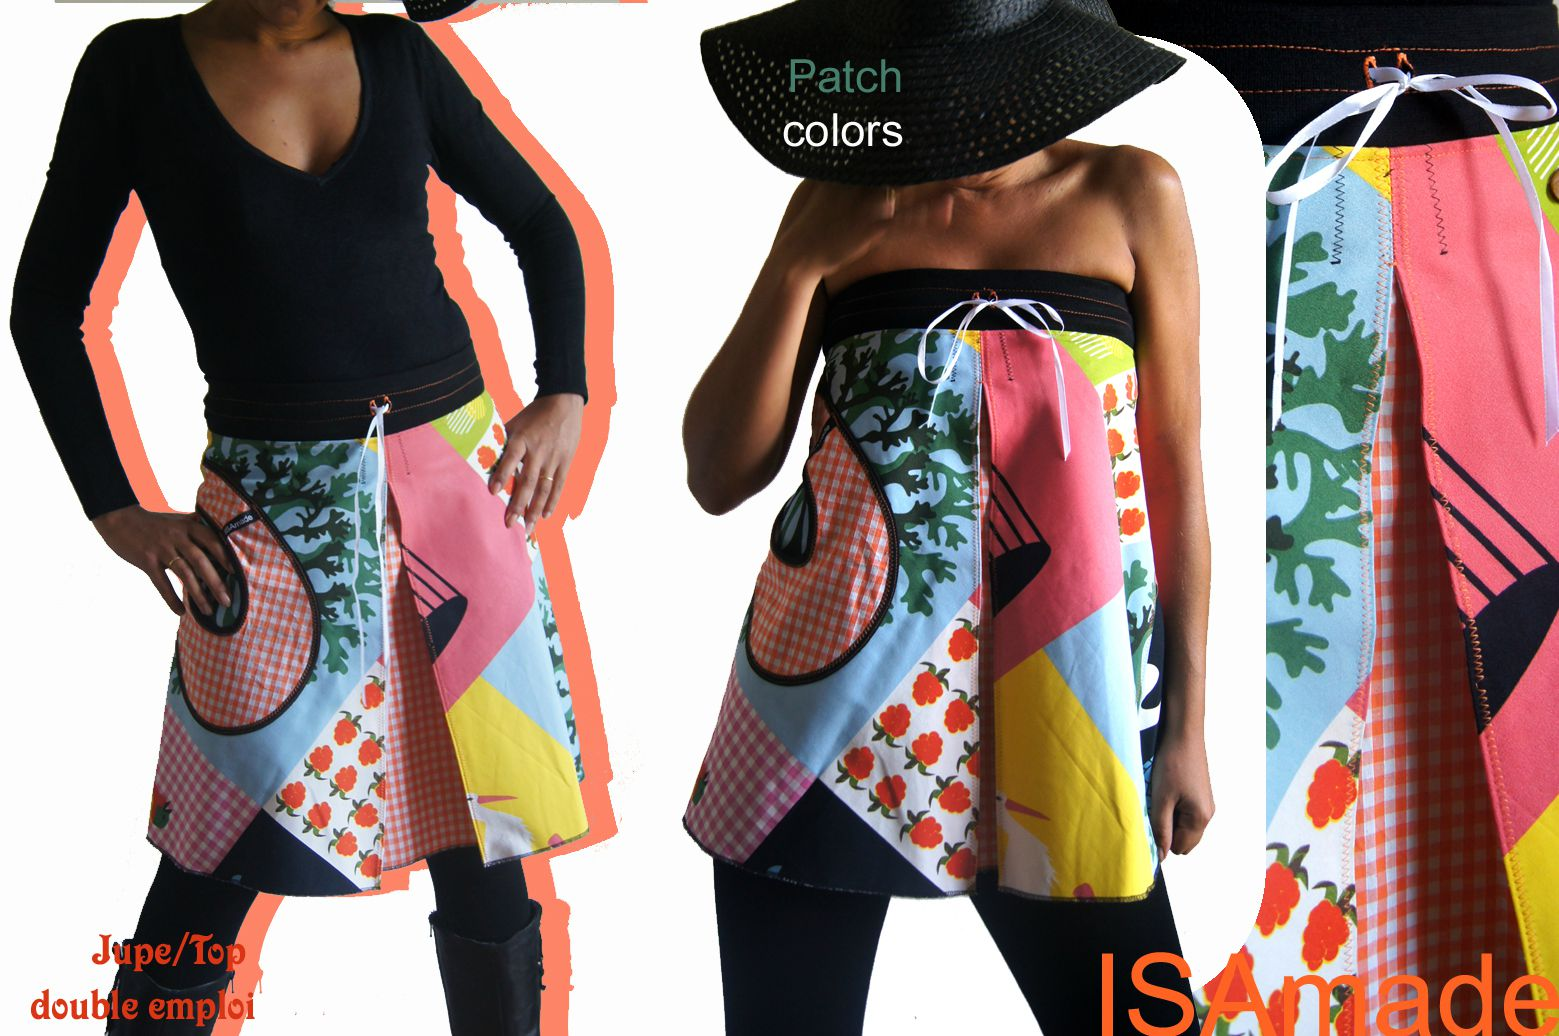 jupe trapze haut de style kitch bobo pour une pice fantaisie et originale double emploi une pice isamade of course - Jupe Colore